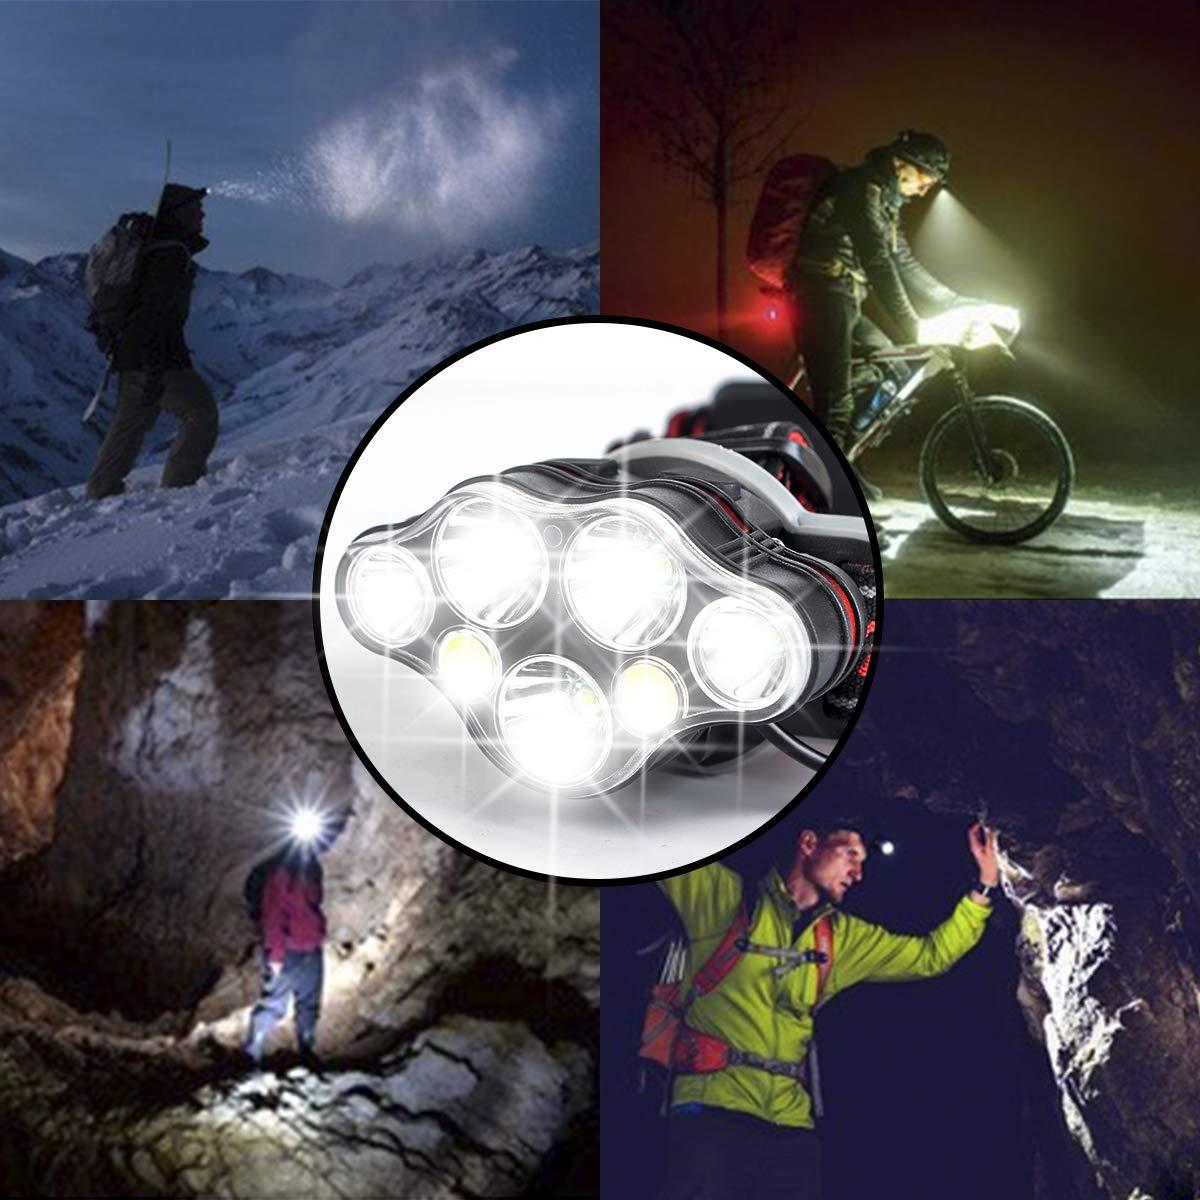 LED Stirnlampe Kopflampe bedee Superheller Headlamp USB Wiederaufladbar Kopfleuchte LED Stirnleuchte Einstelllbare Eingebauter Akku mit Warnleuchte f¨¹r Camping,Fischerei, Keller, Laufen, Campen, Wandern